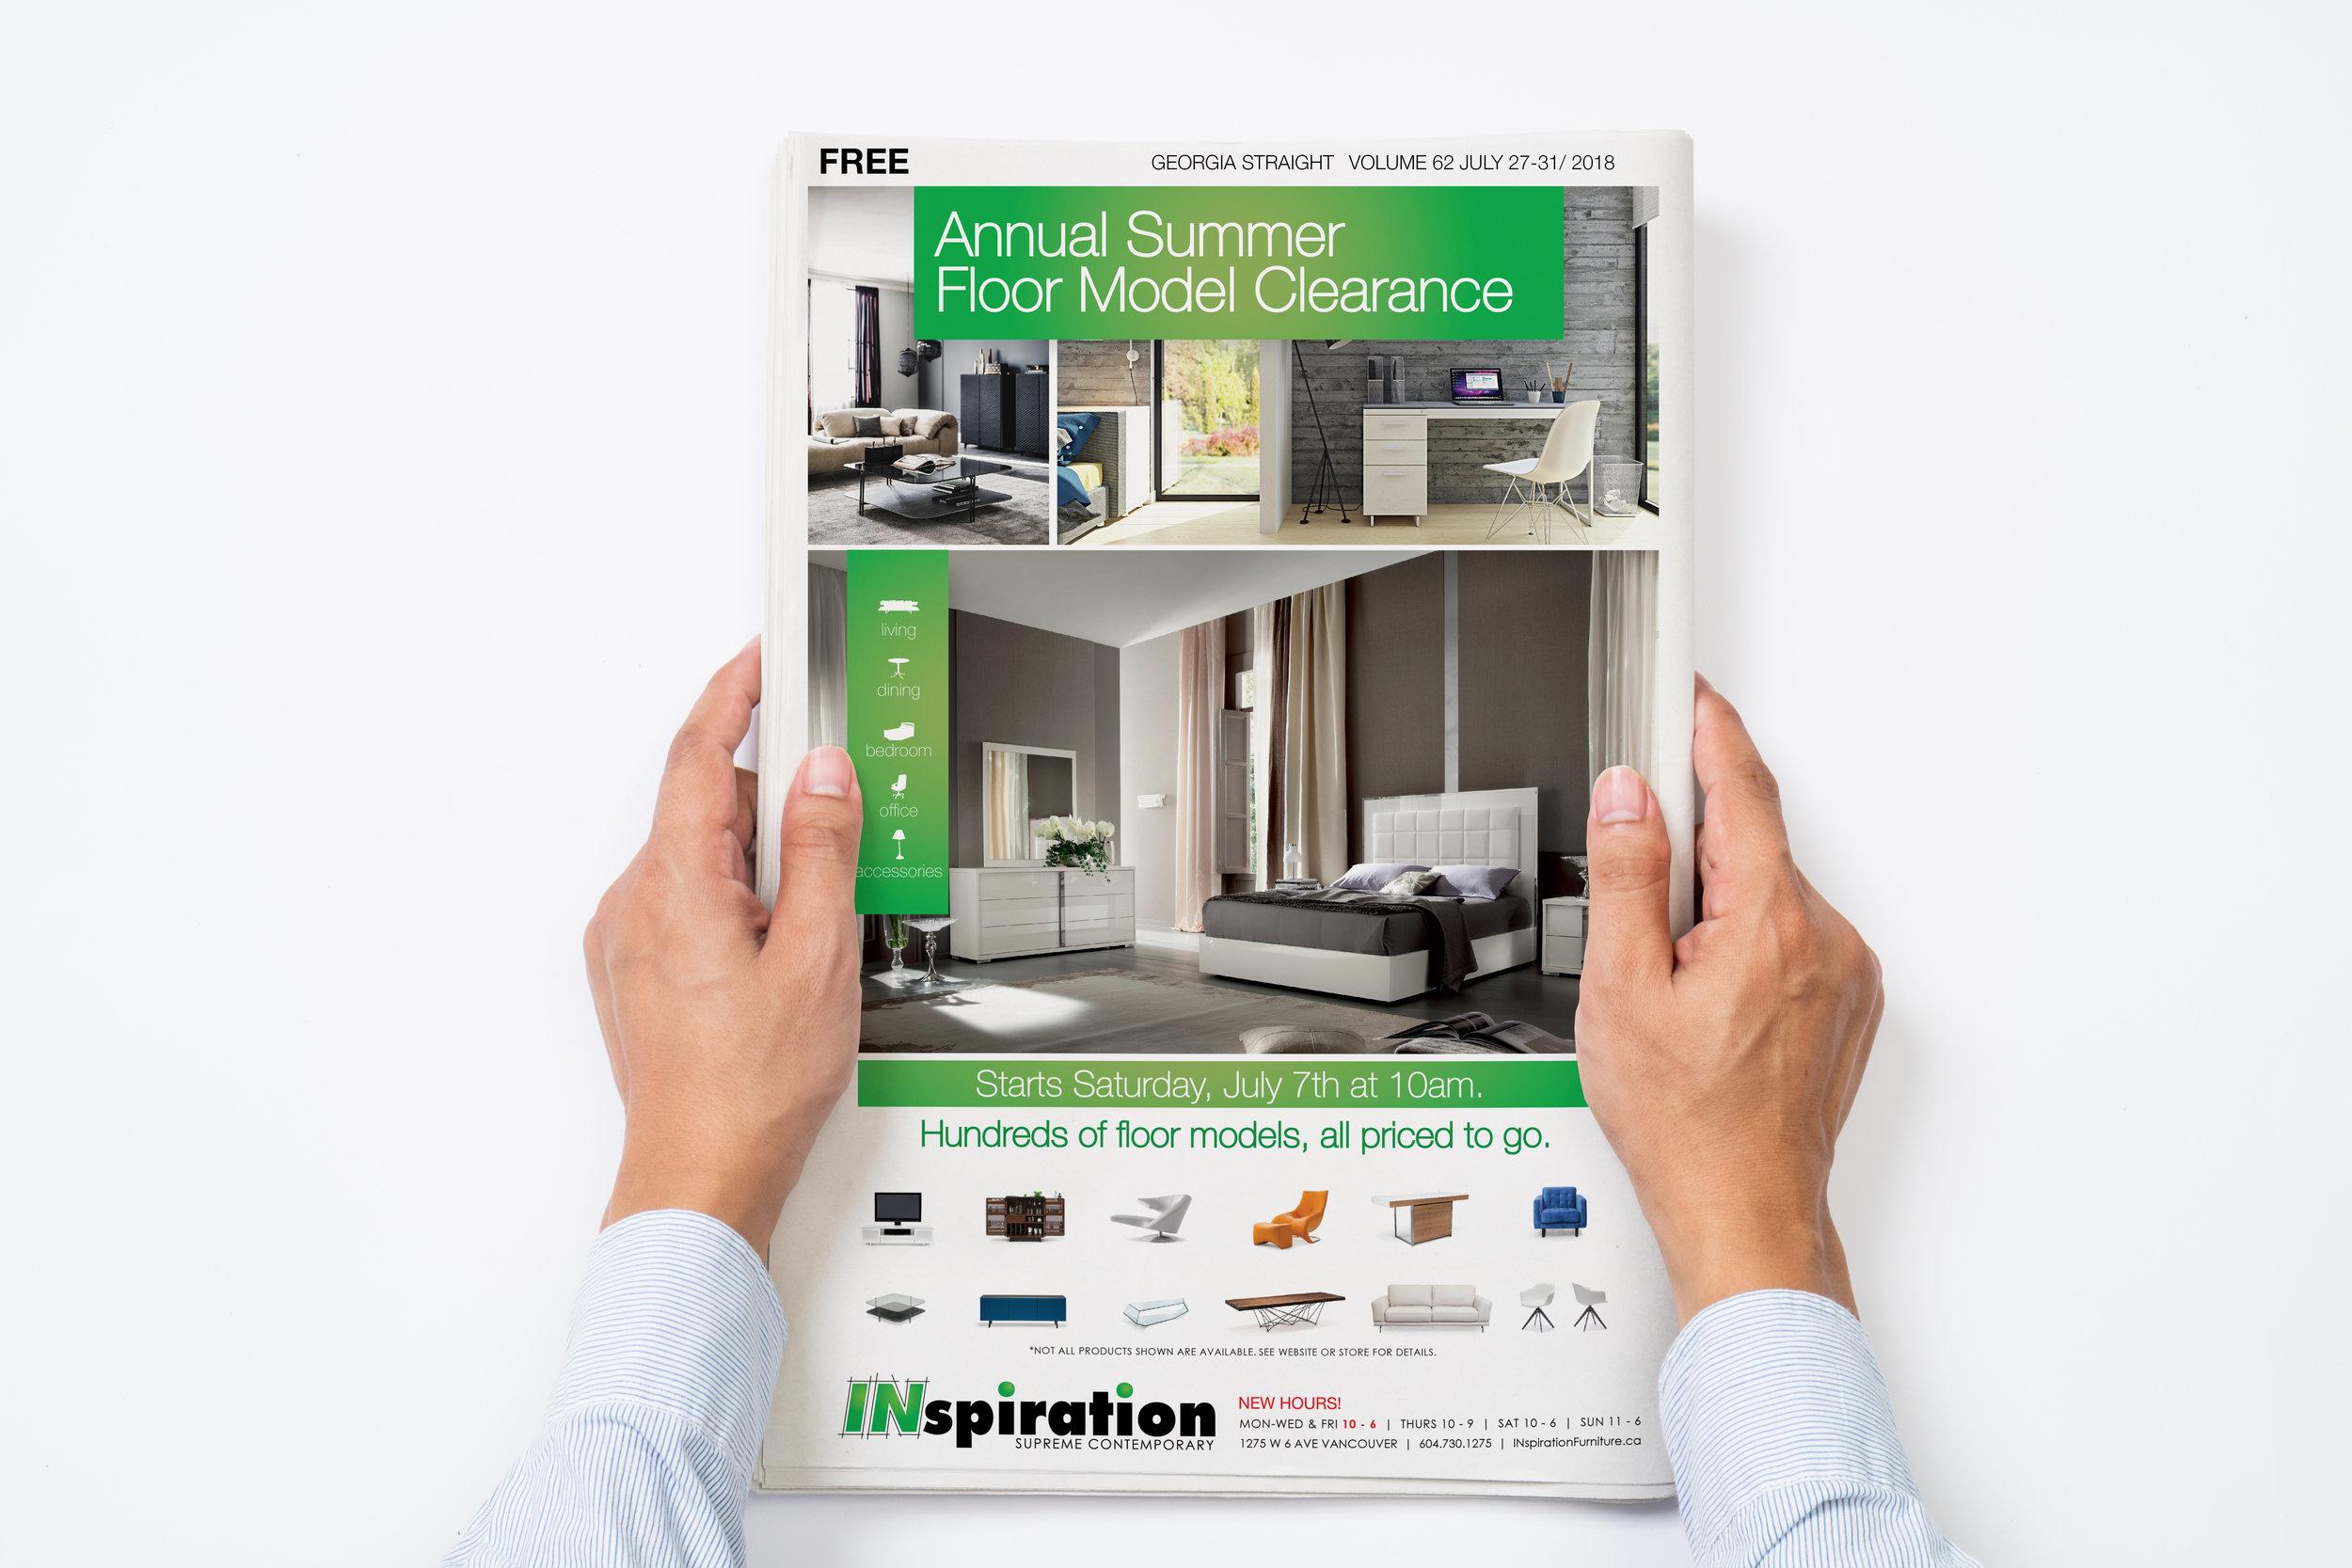 INspiration_GS_Newspaper9.jpg